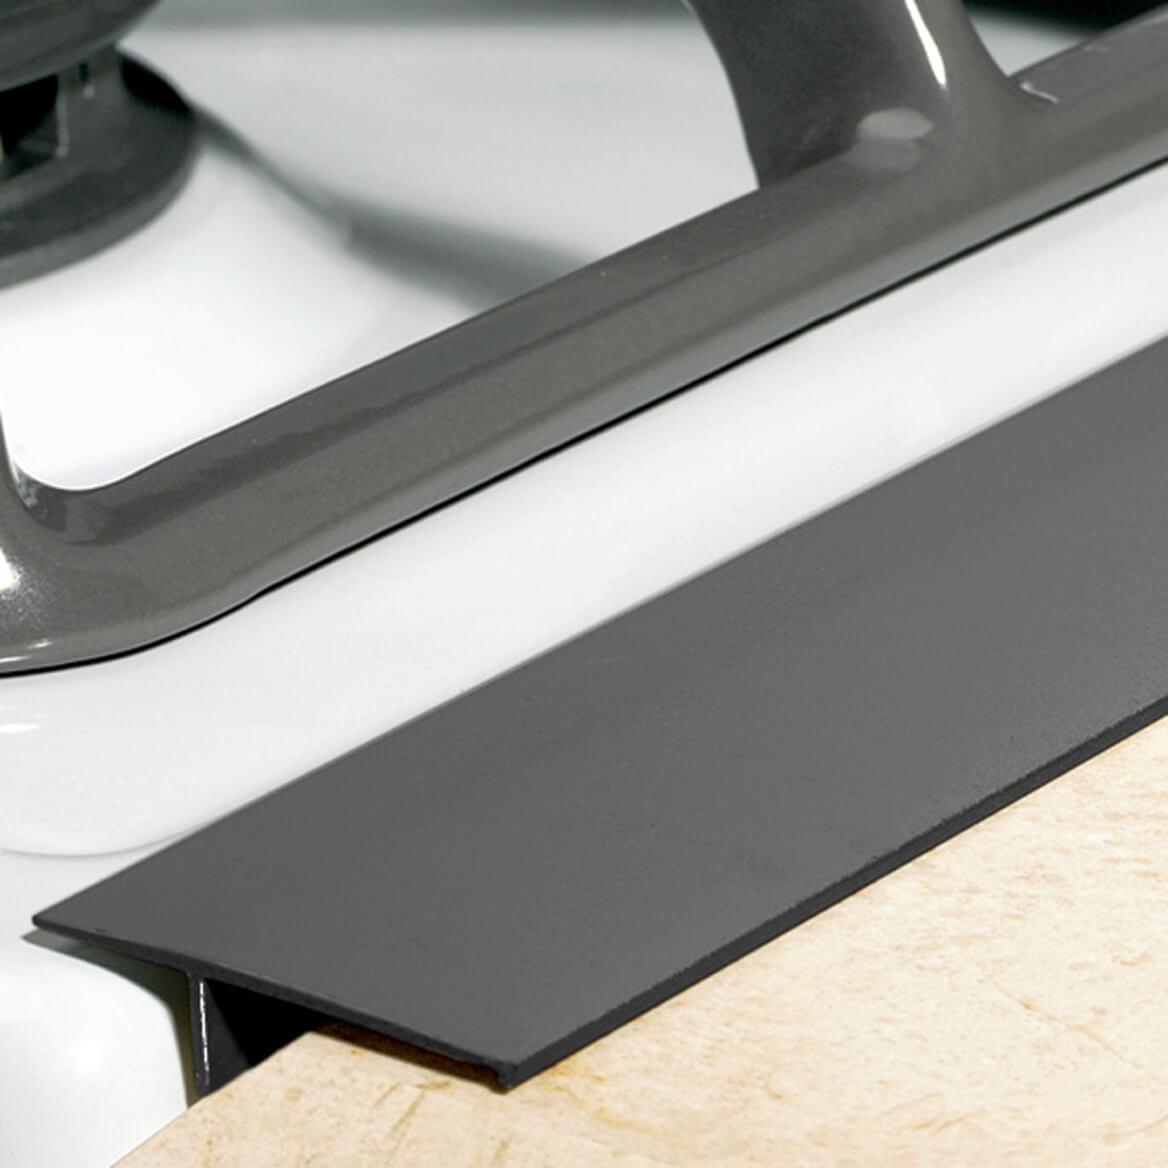 Gap Cap For Stovetops - Set of 2-355289